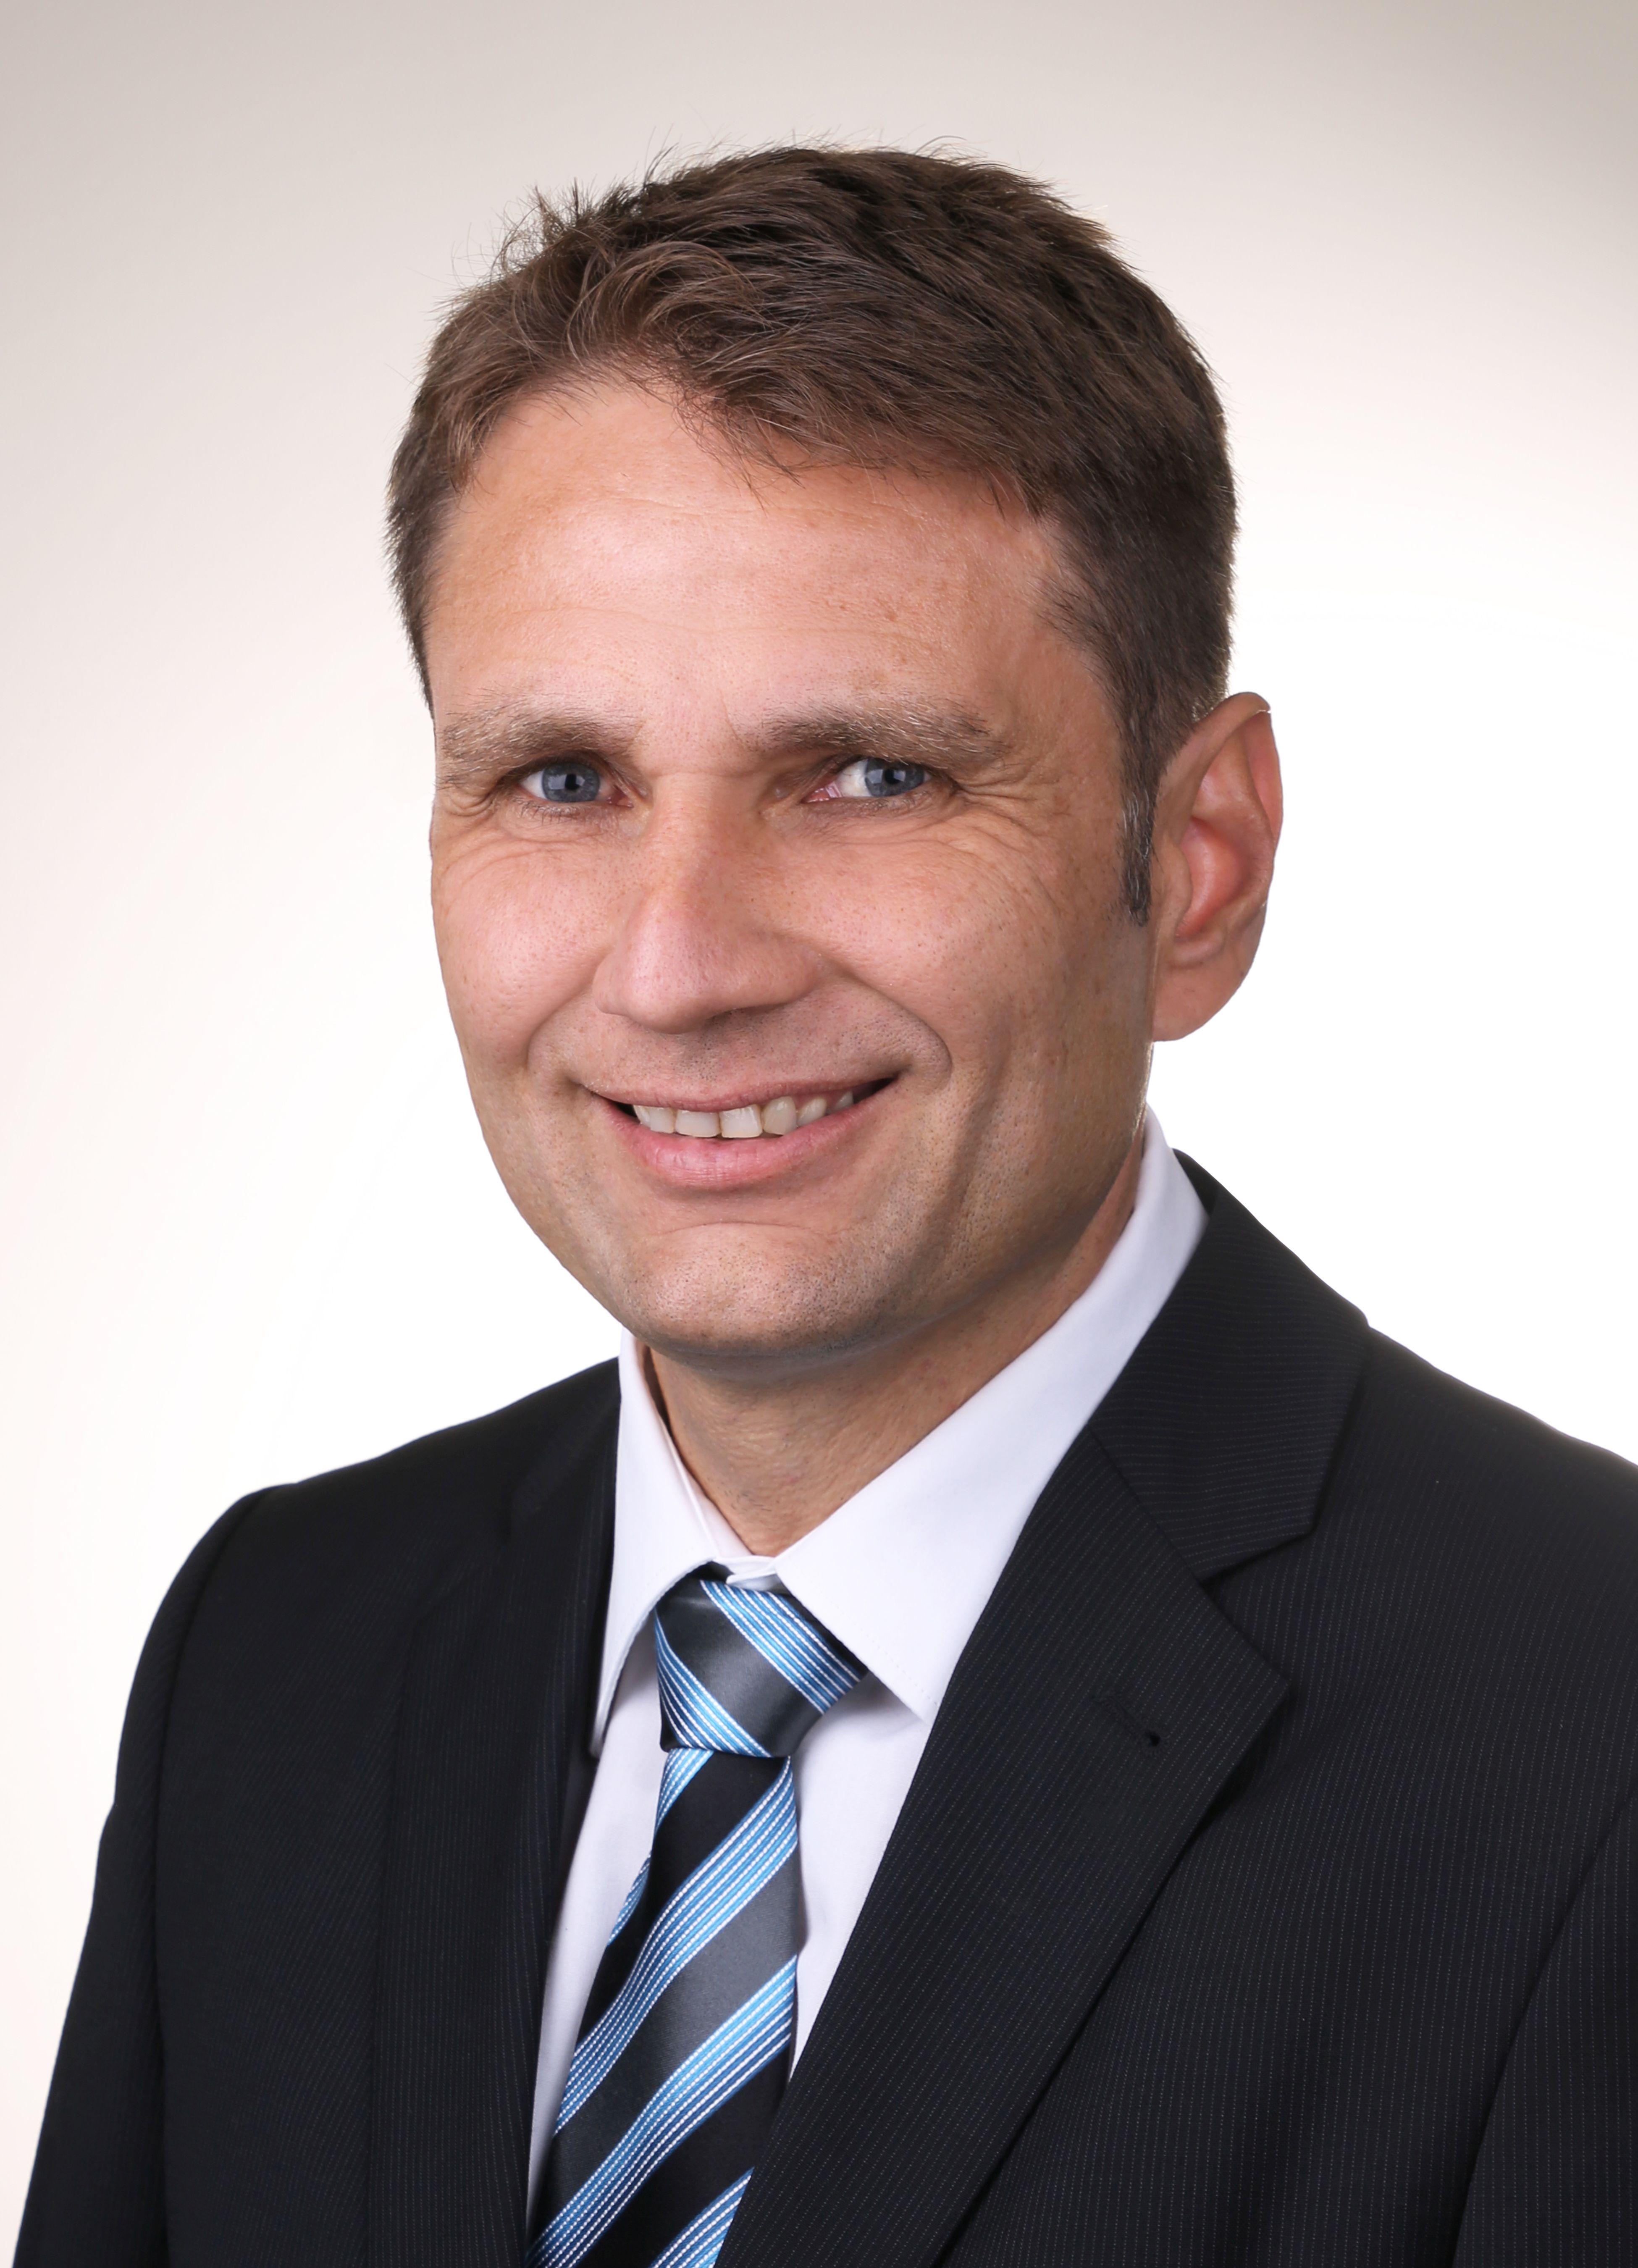 Stefan Schmeiduch